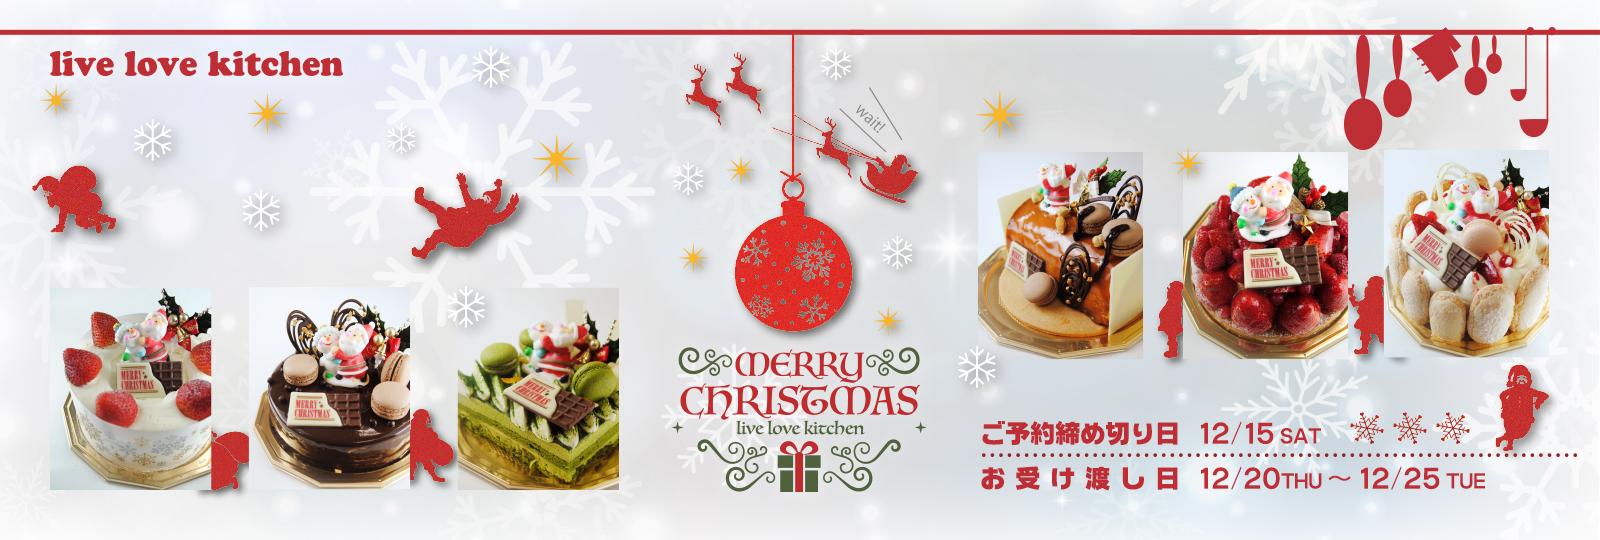 2018年 クリスマスケーキのご予約を開始しました!